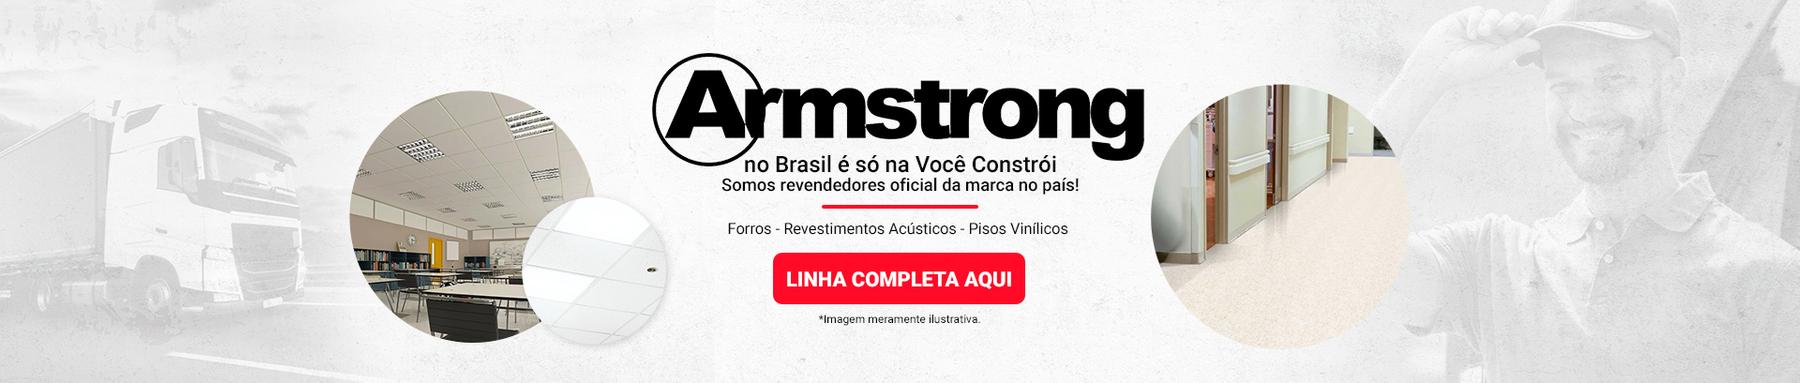 Produtos Armstrong